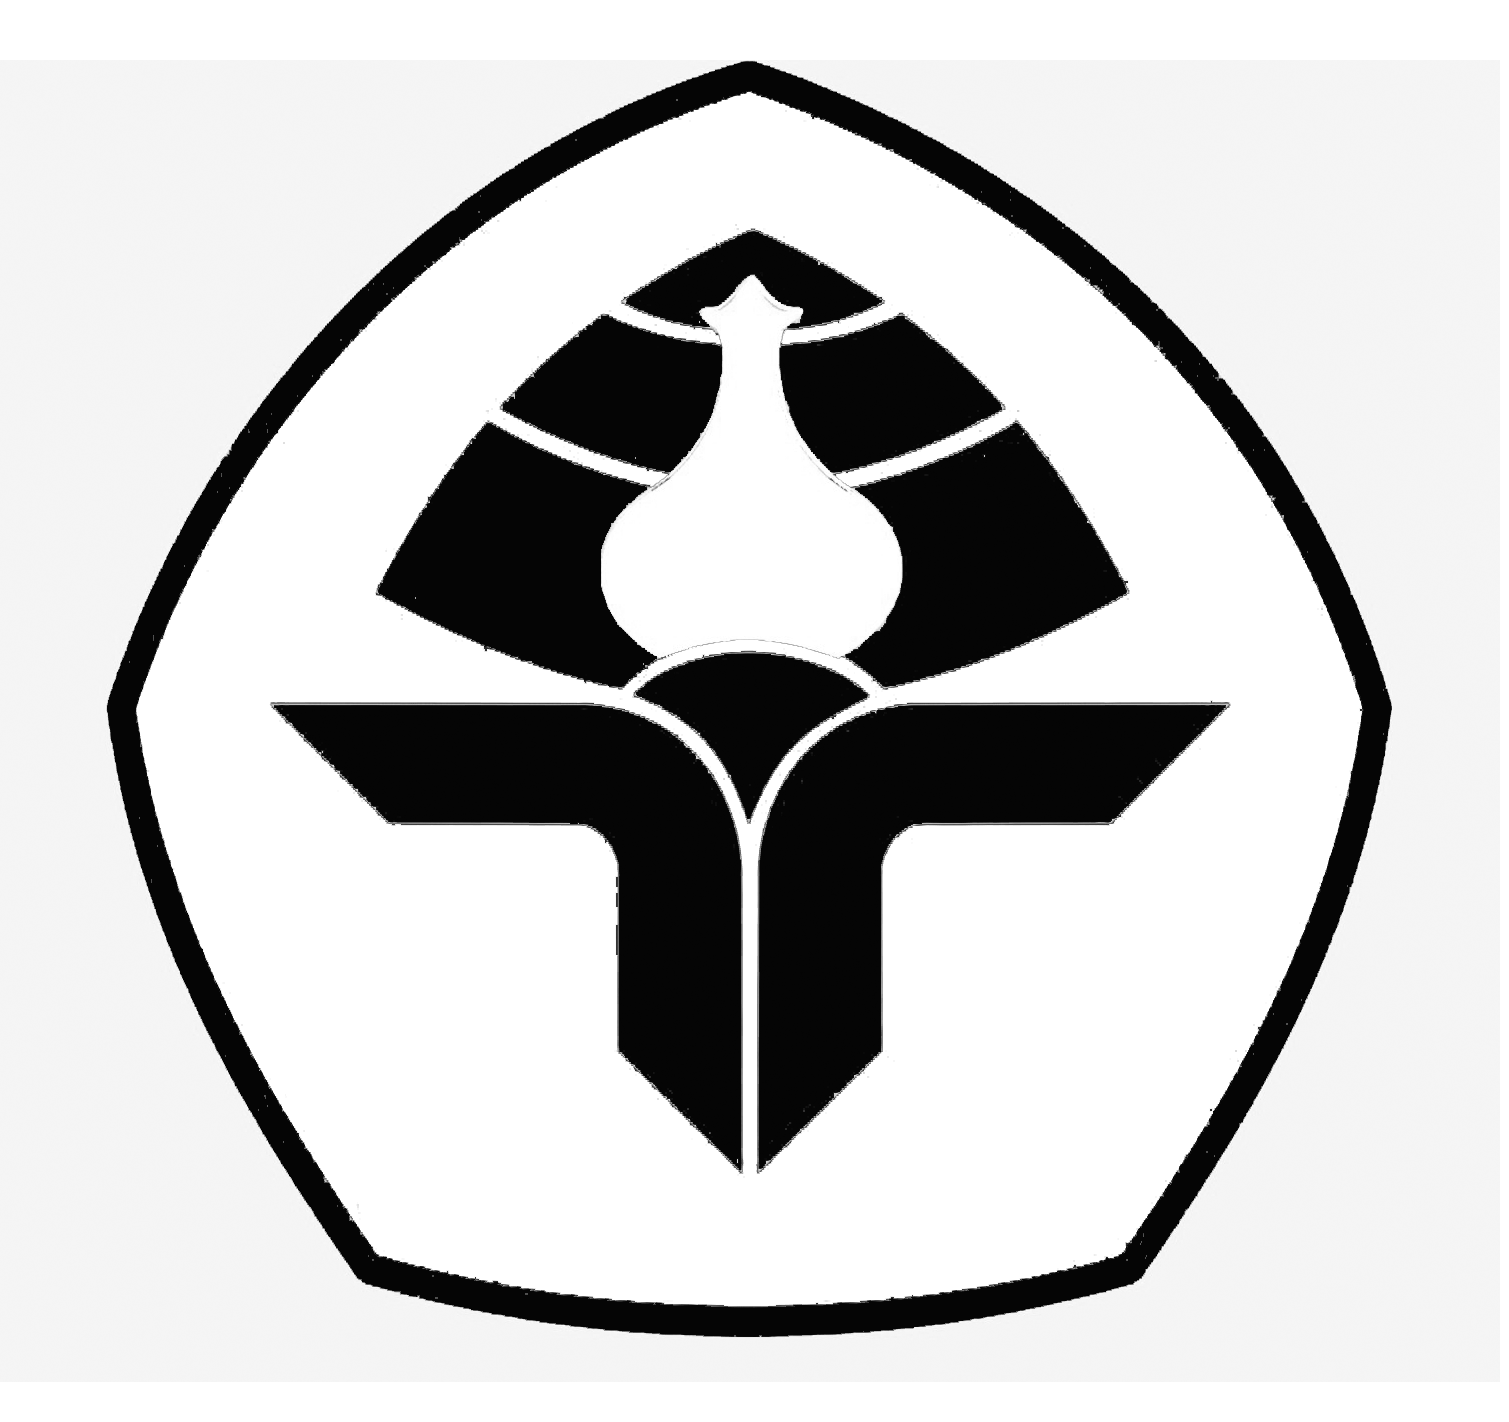 Logo PNB (Politeknik Negeri Bali) Original Hitam Putih PNG